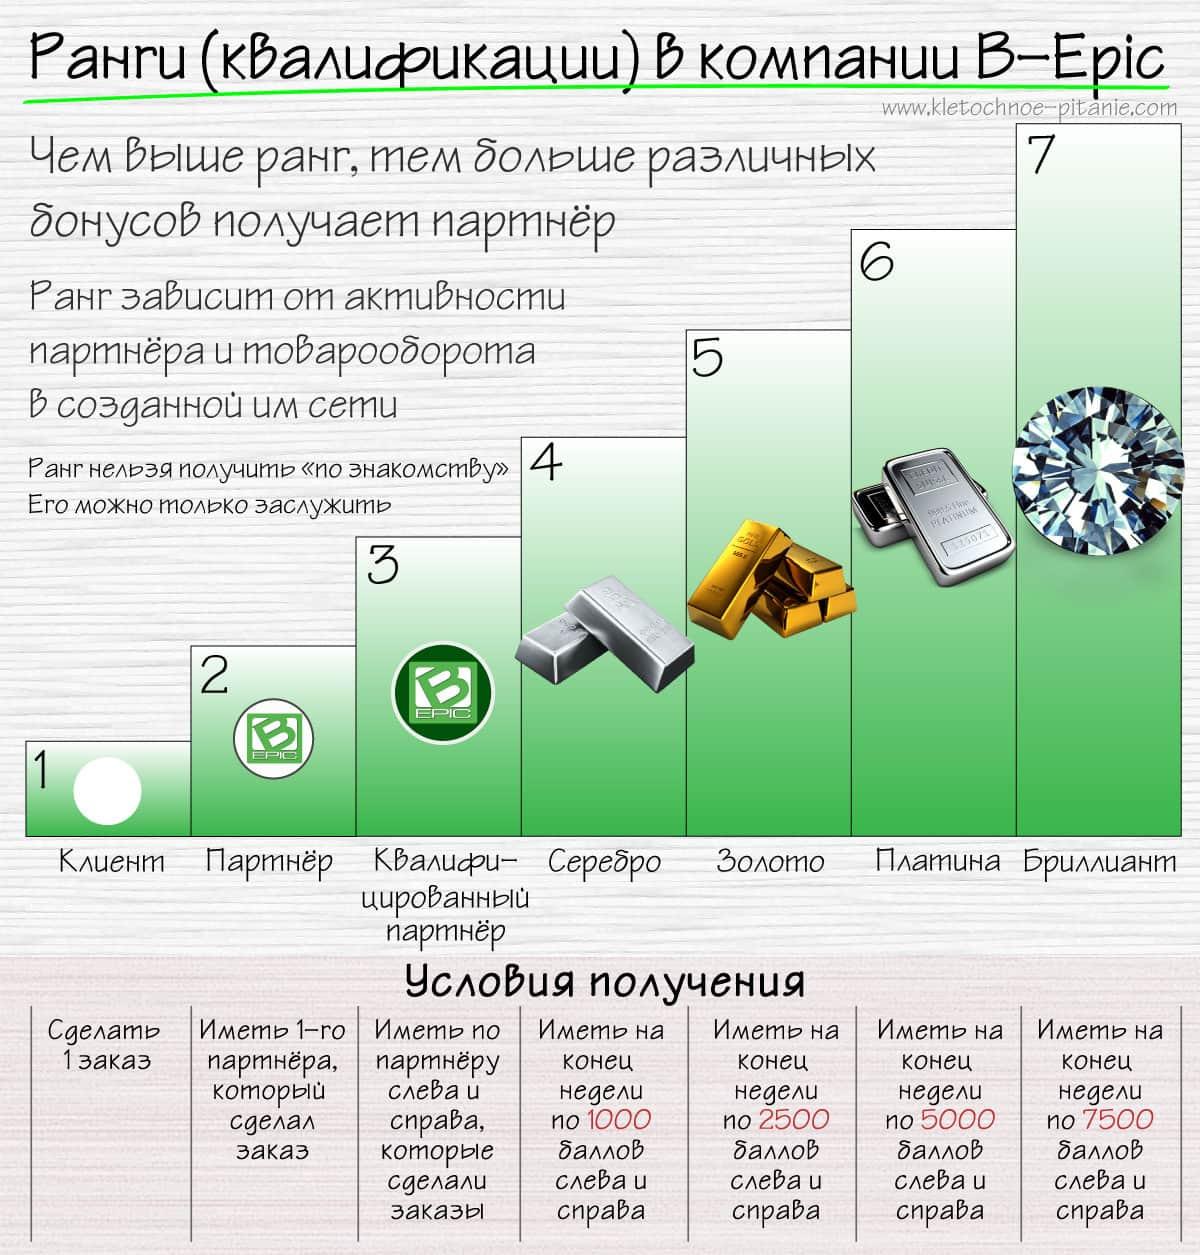 Квалификации в BEpic